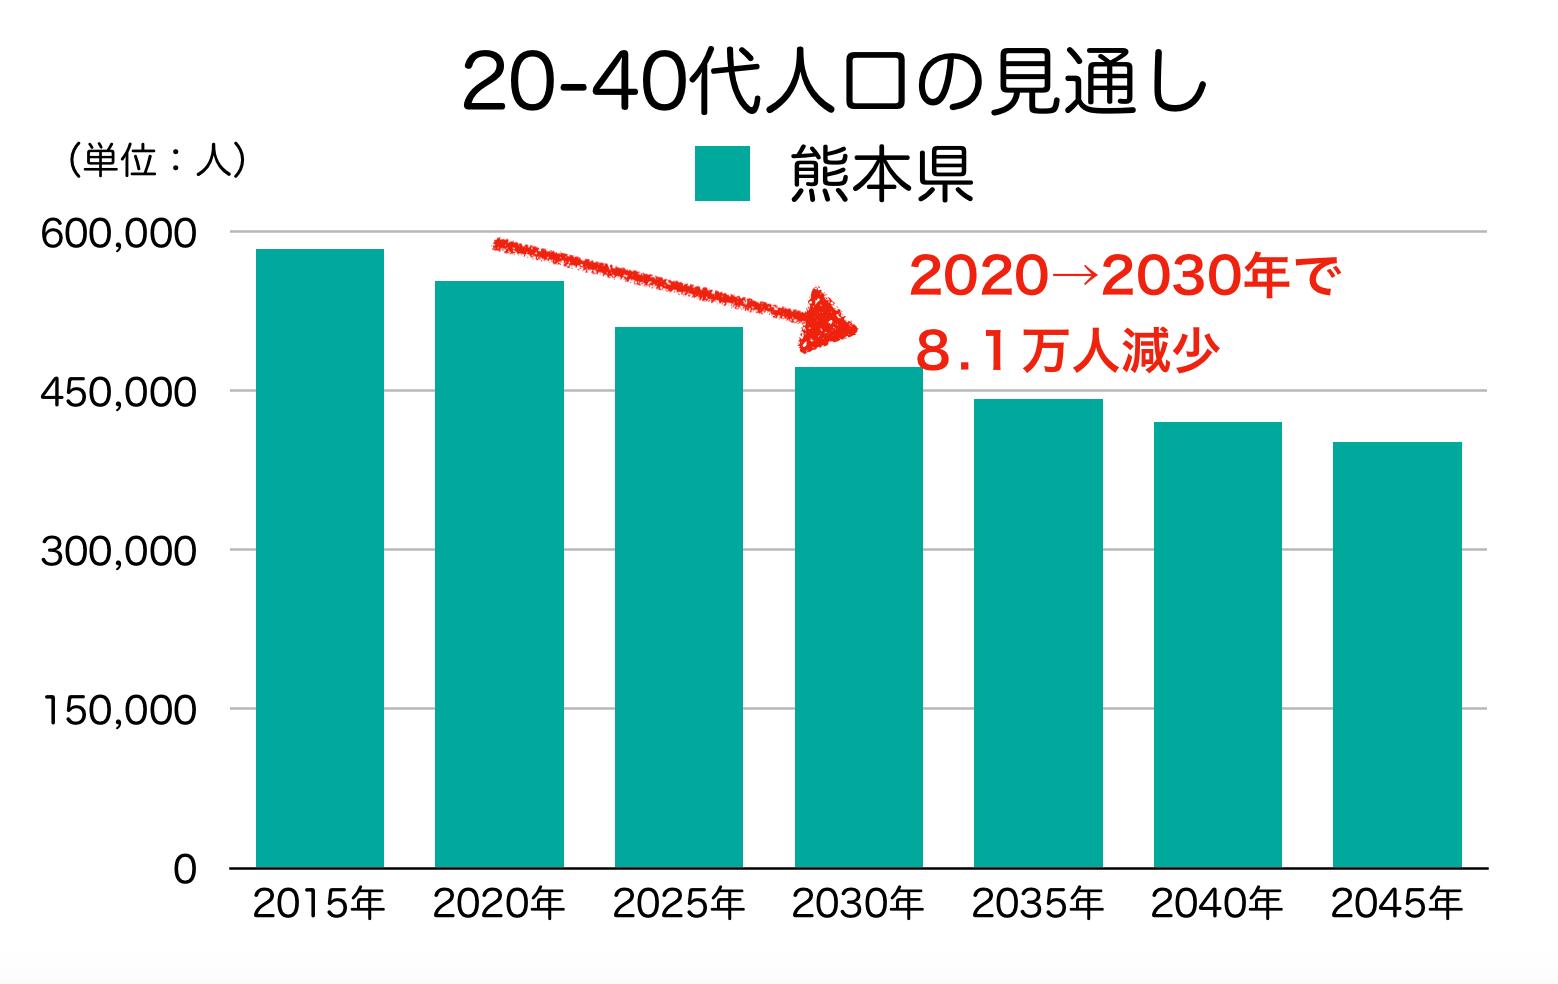 熊本県の20-40代人口の見通し